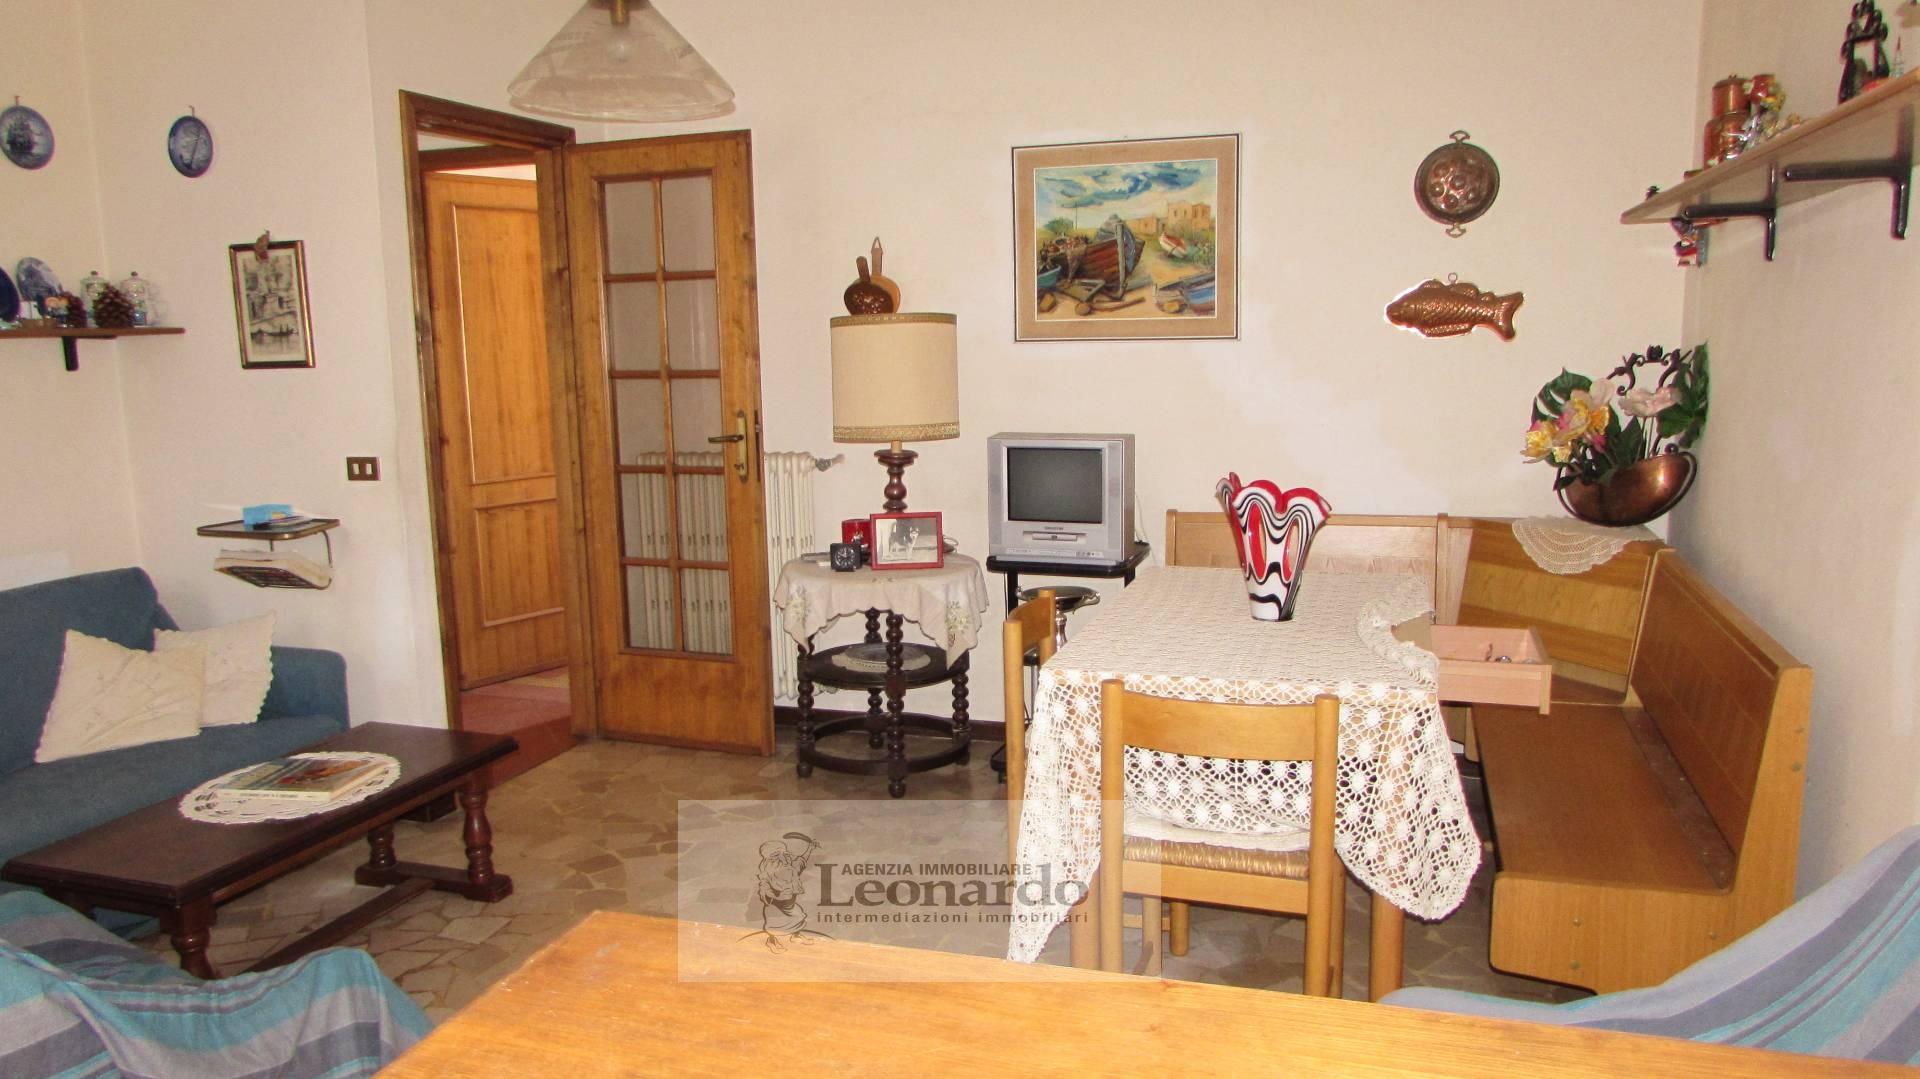 Soluzione Indipendente in vendita a Viareggio, 5 locali, zona Località: Centro, prezzo € 330.000 | Cambio Casa.it